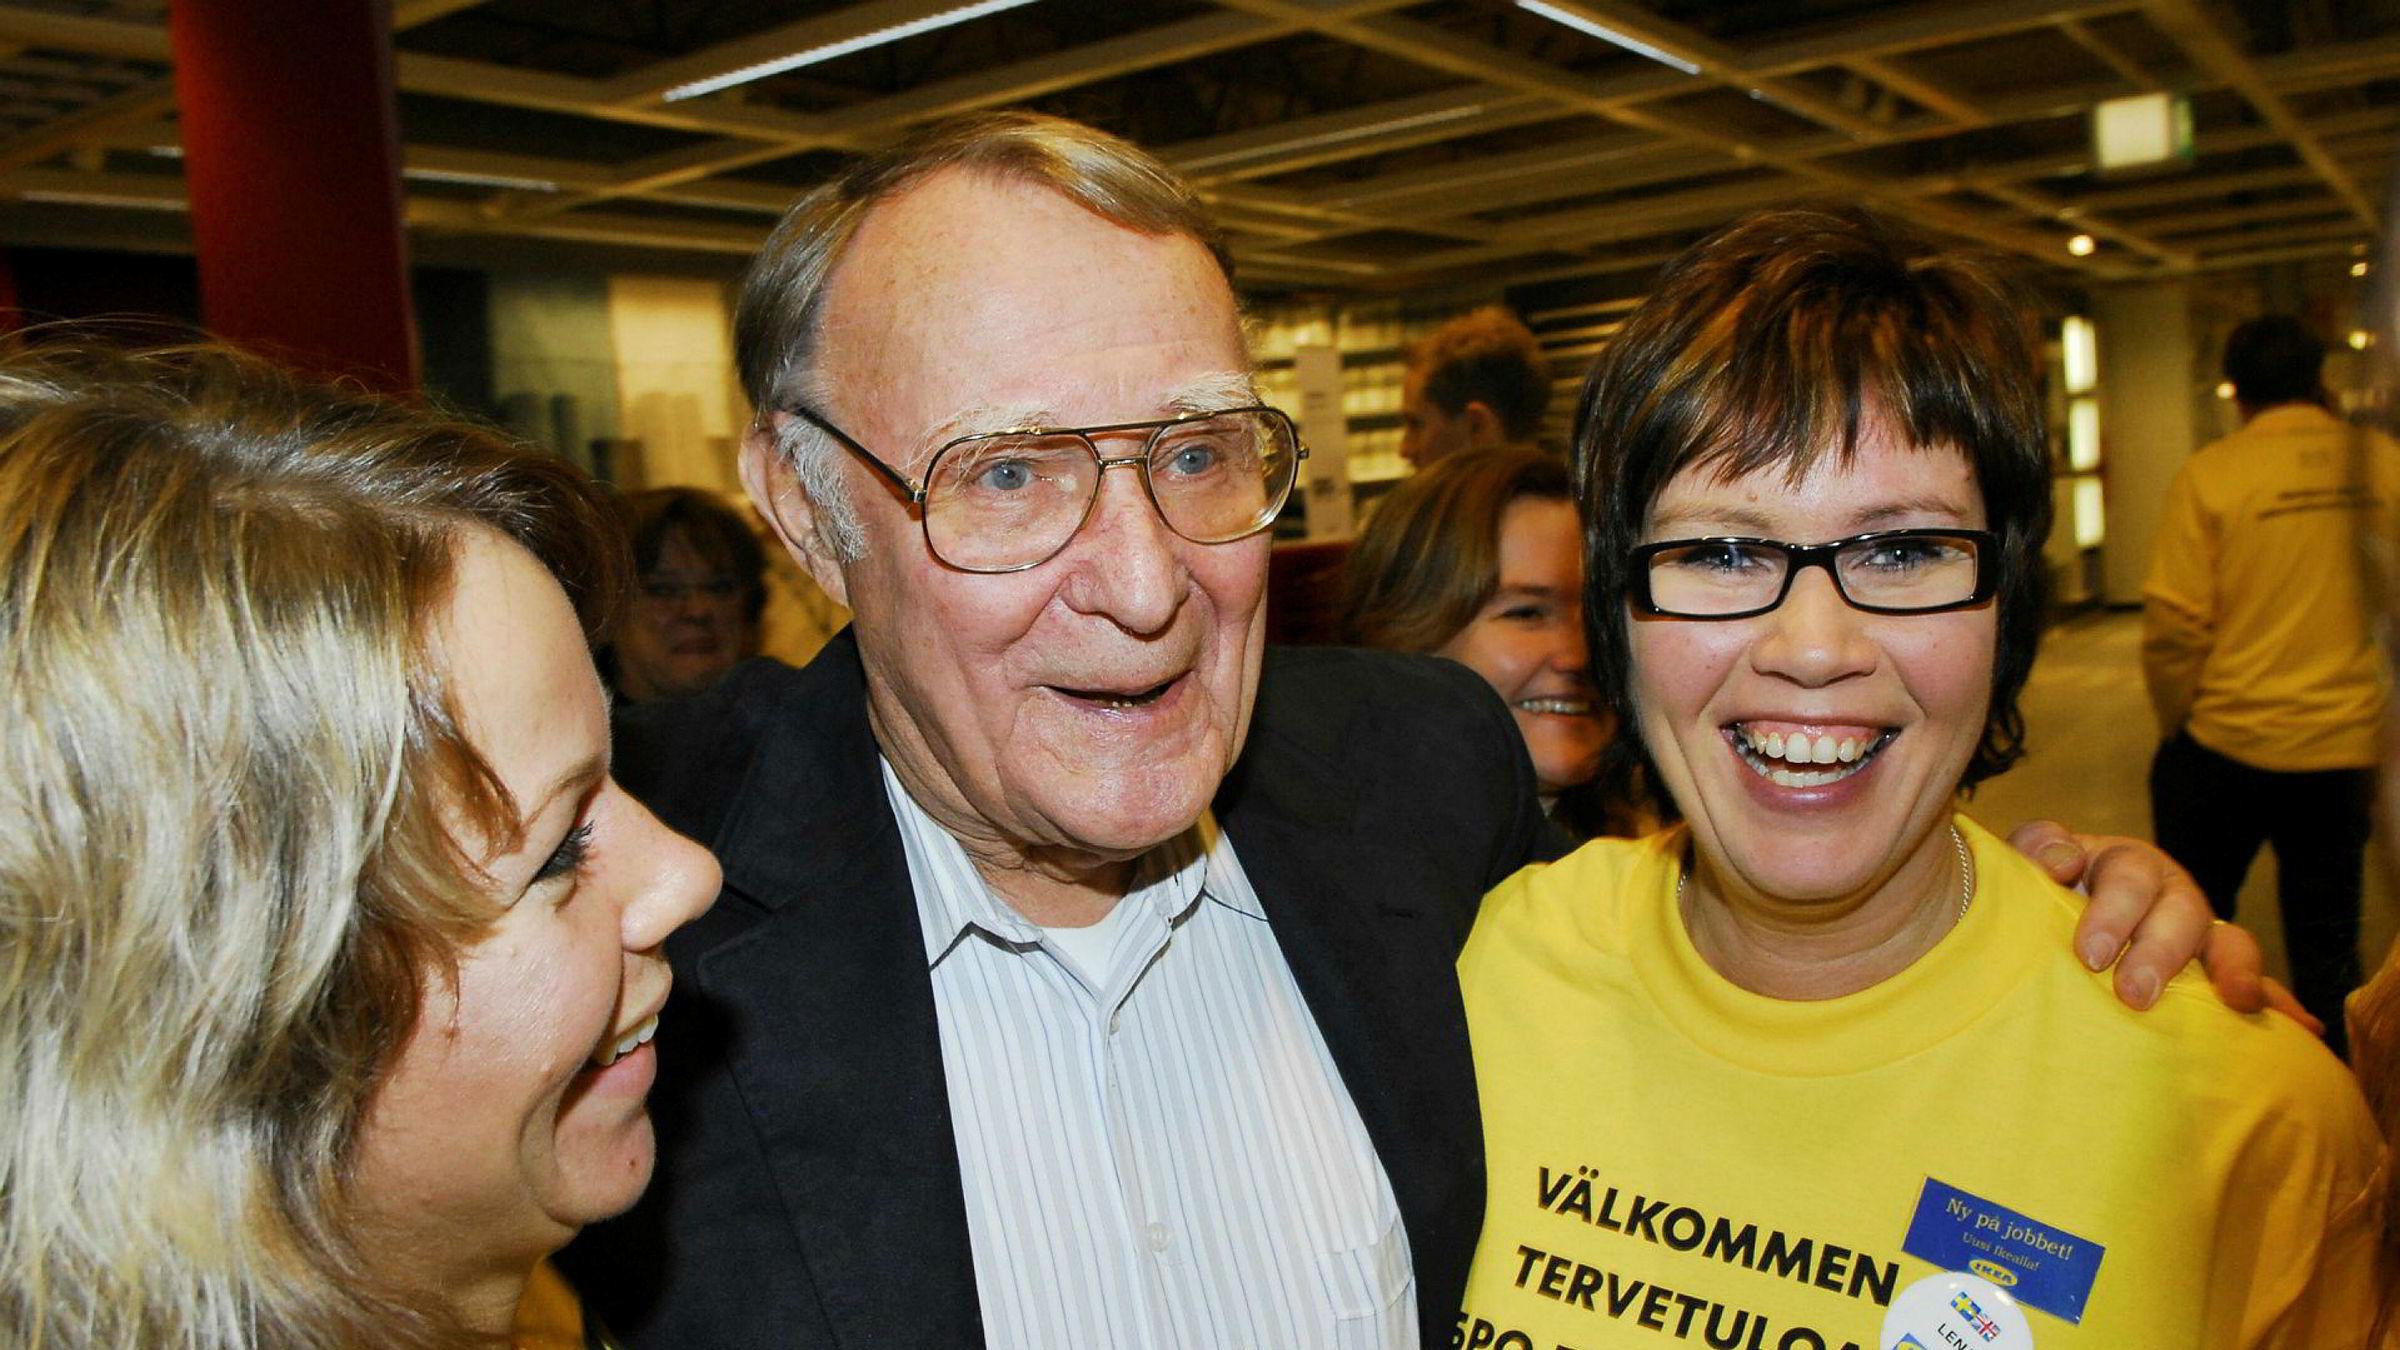 Ingvar Kamprad var opptatt av at kapitalismen også måtte romme et sosialt ansvar, og han snakket flere ganger engasjert om at den gamle tids kapitalisme («jungelkapitalismen») ville erstattes av en ansvarlig markedsøkonomi. Her er han sammen med to av sine ansatte på et Ikea-varehus i Haparanda, nord i Sverige, i 2016.